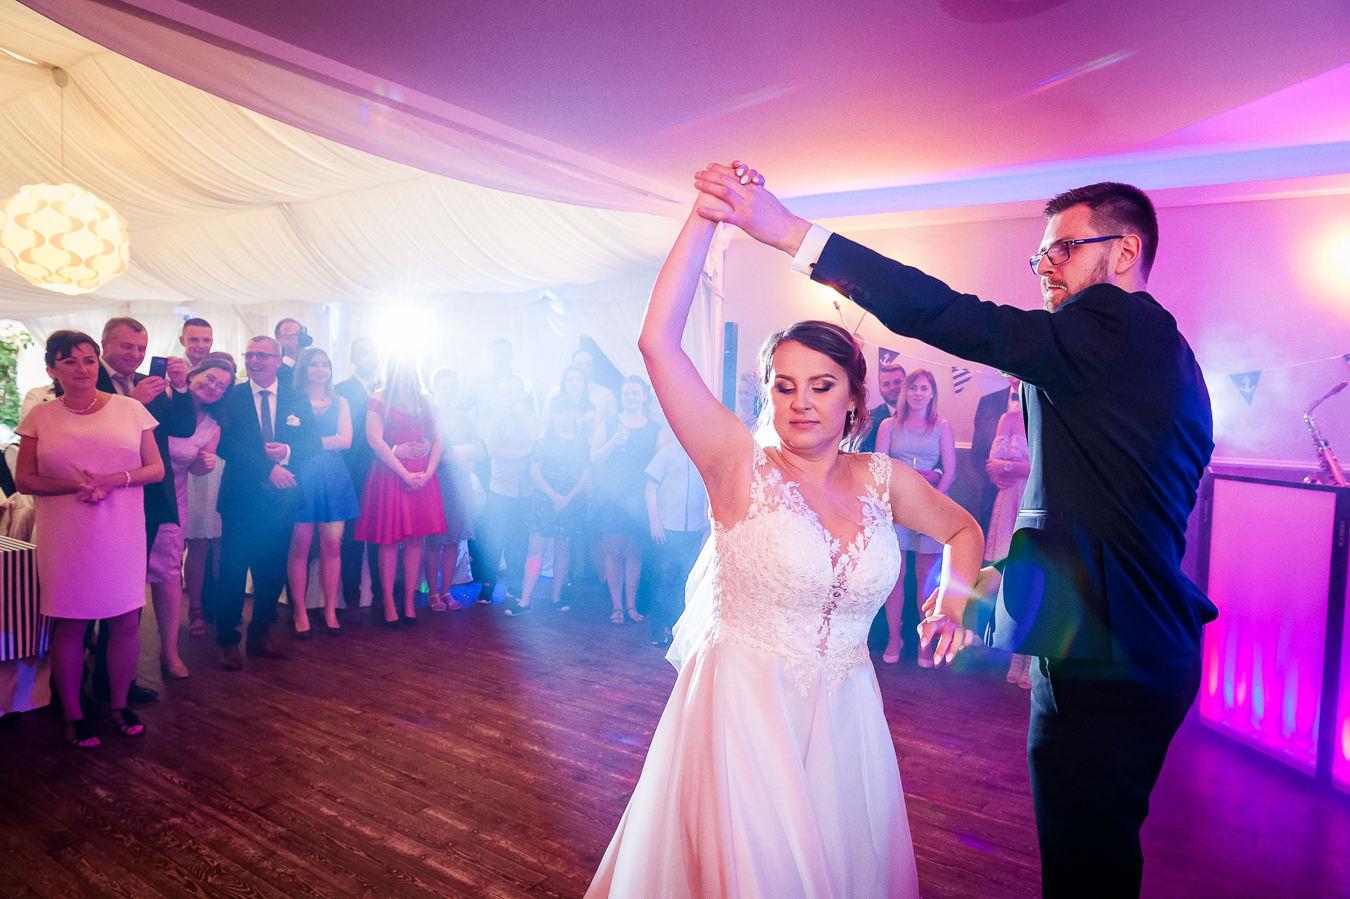 krój sukni jest równie ważny jak utwory do pierwszego tańca